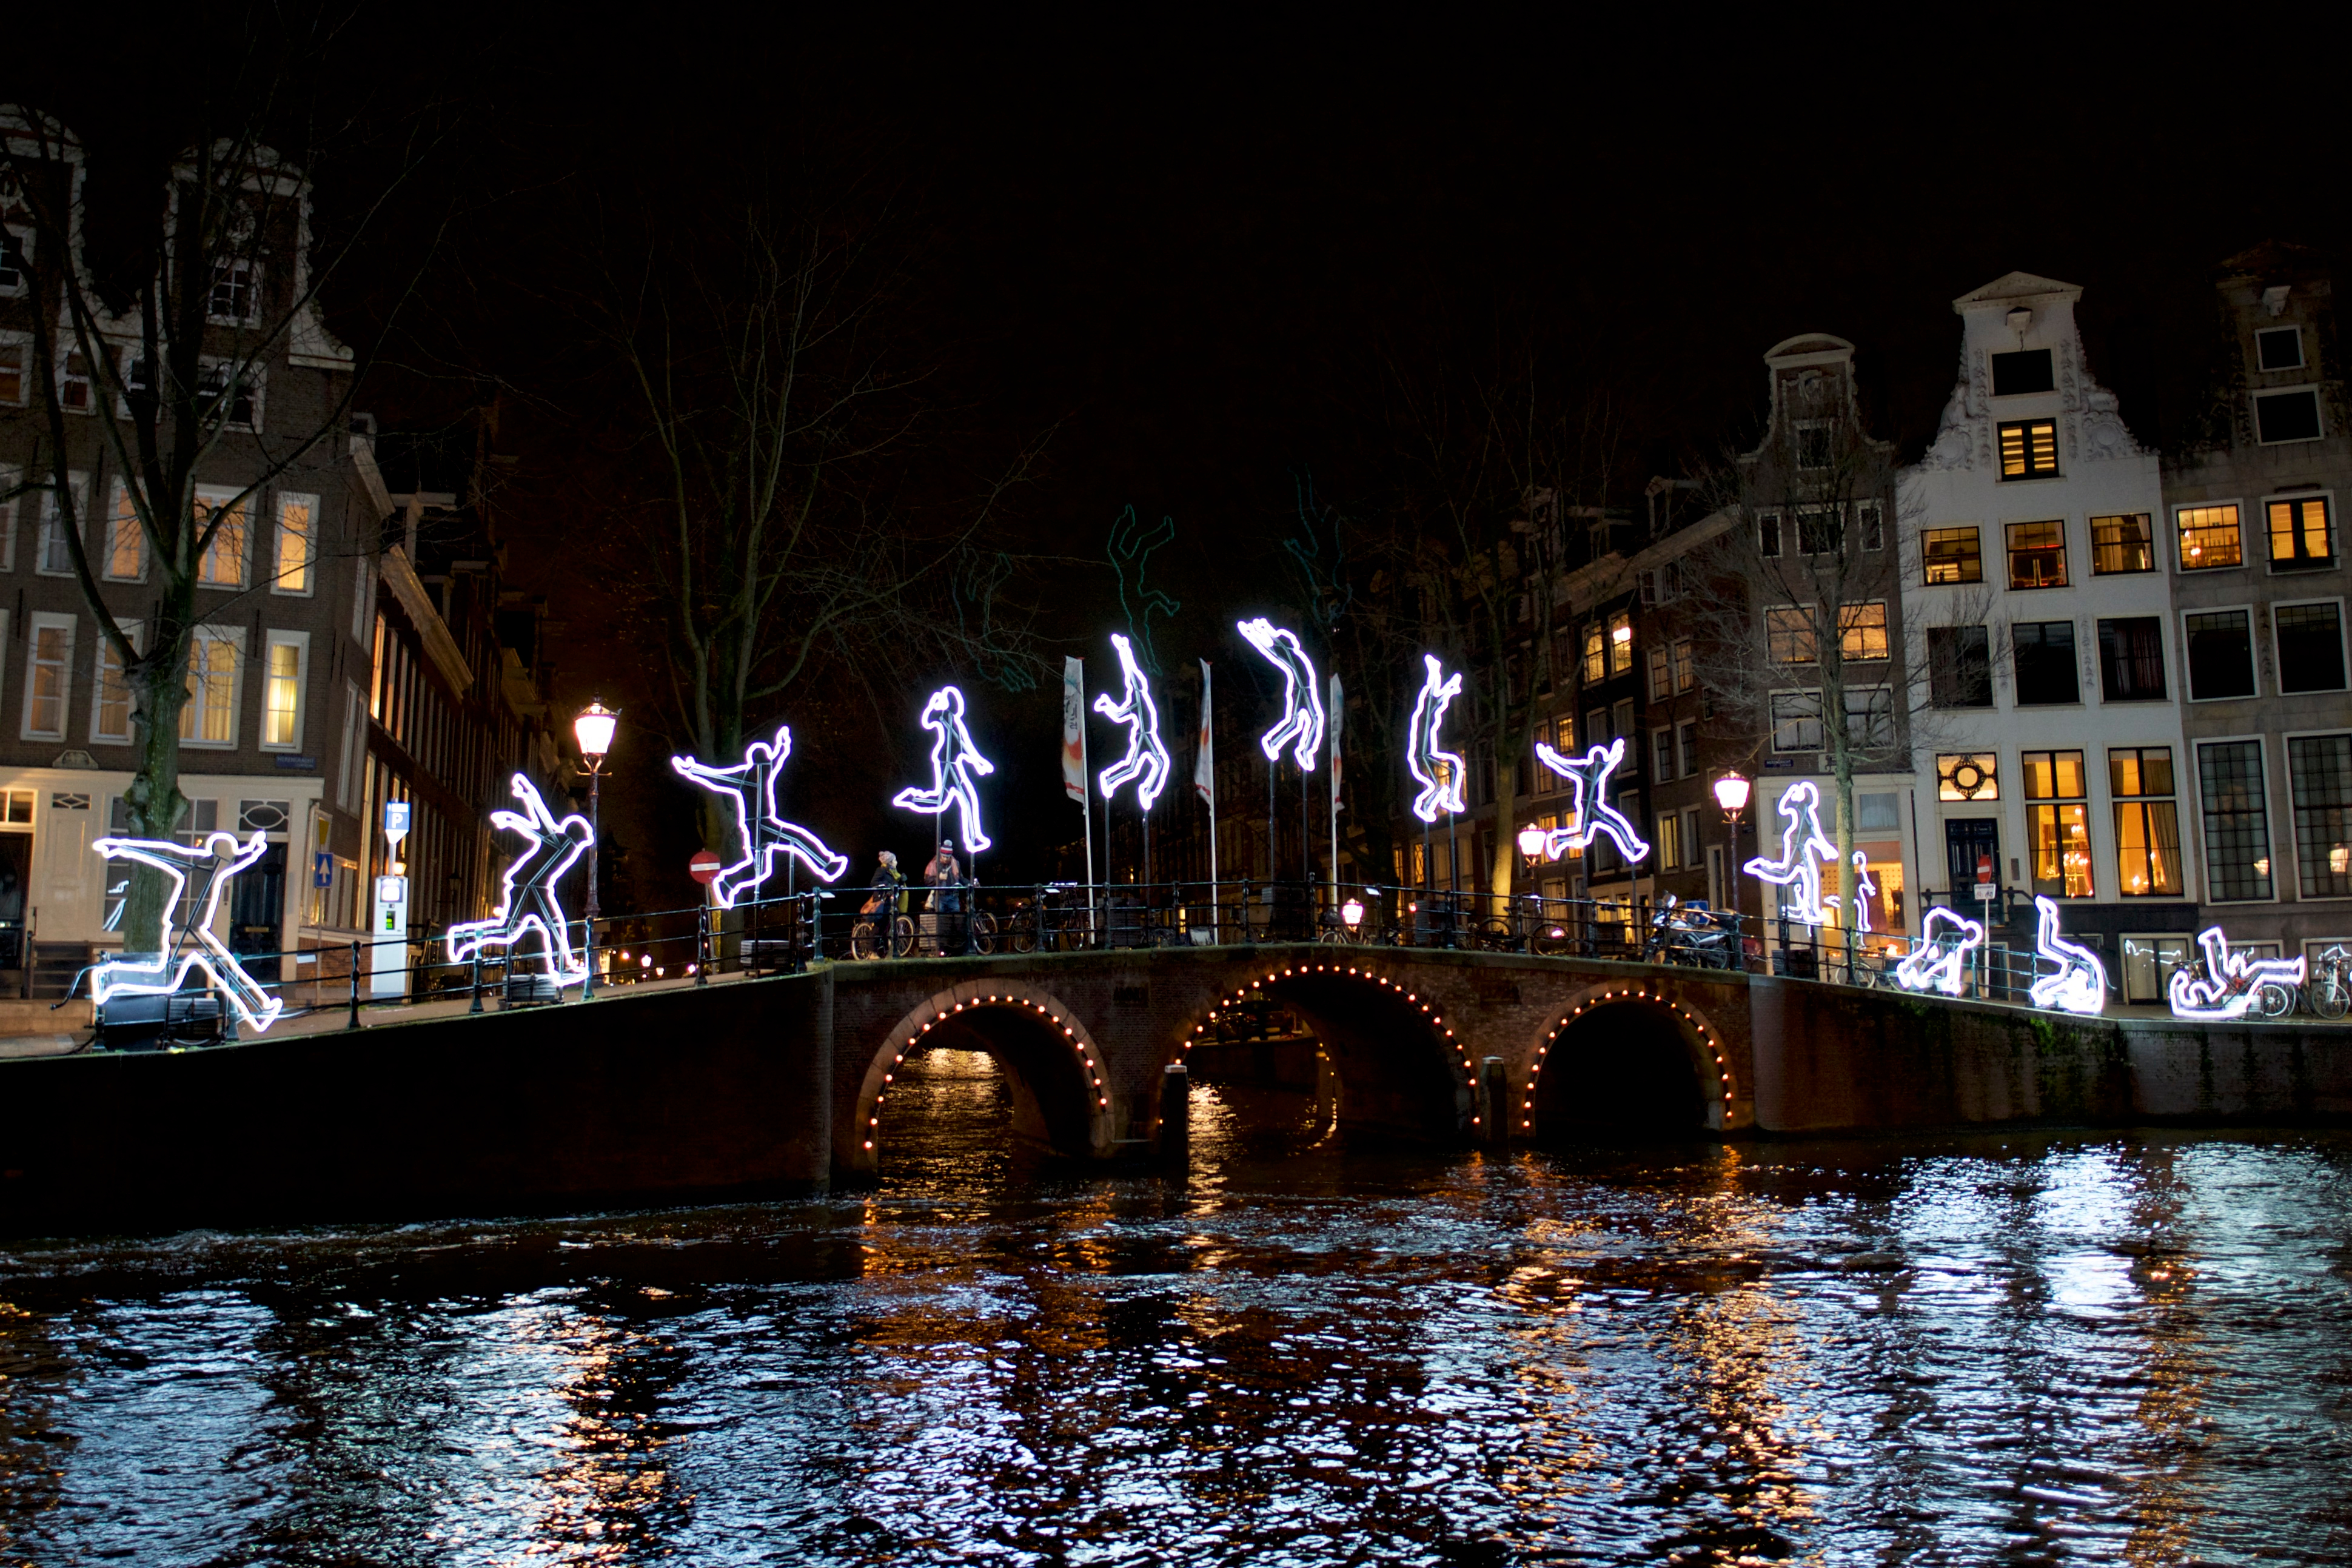 Pasea por la ciudad más iluminada del mundo - Francia Circuito París, Bruselas y Ámsterdam